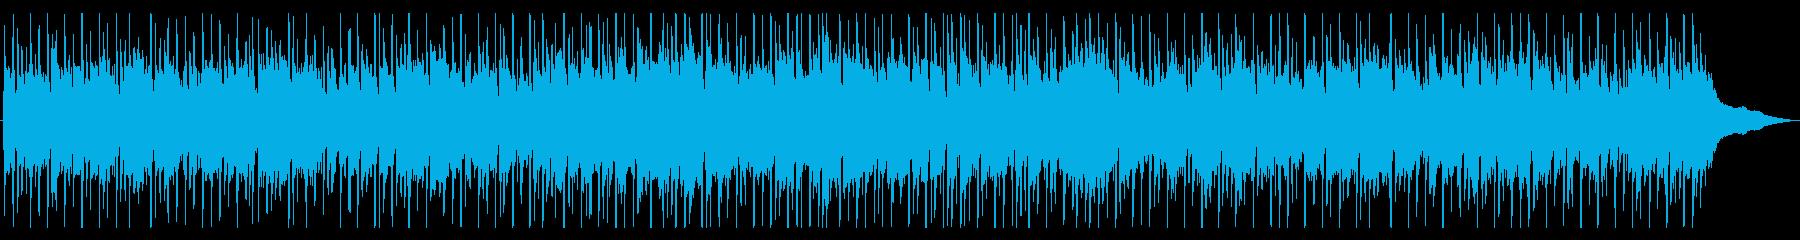 エネルギッシュなアコースティックロックの再生済みの波形